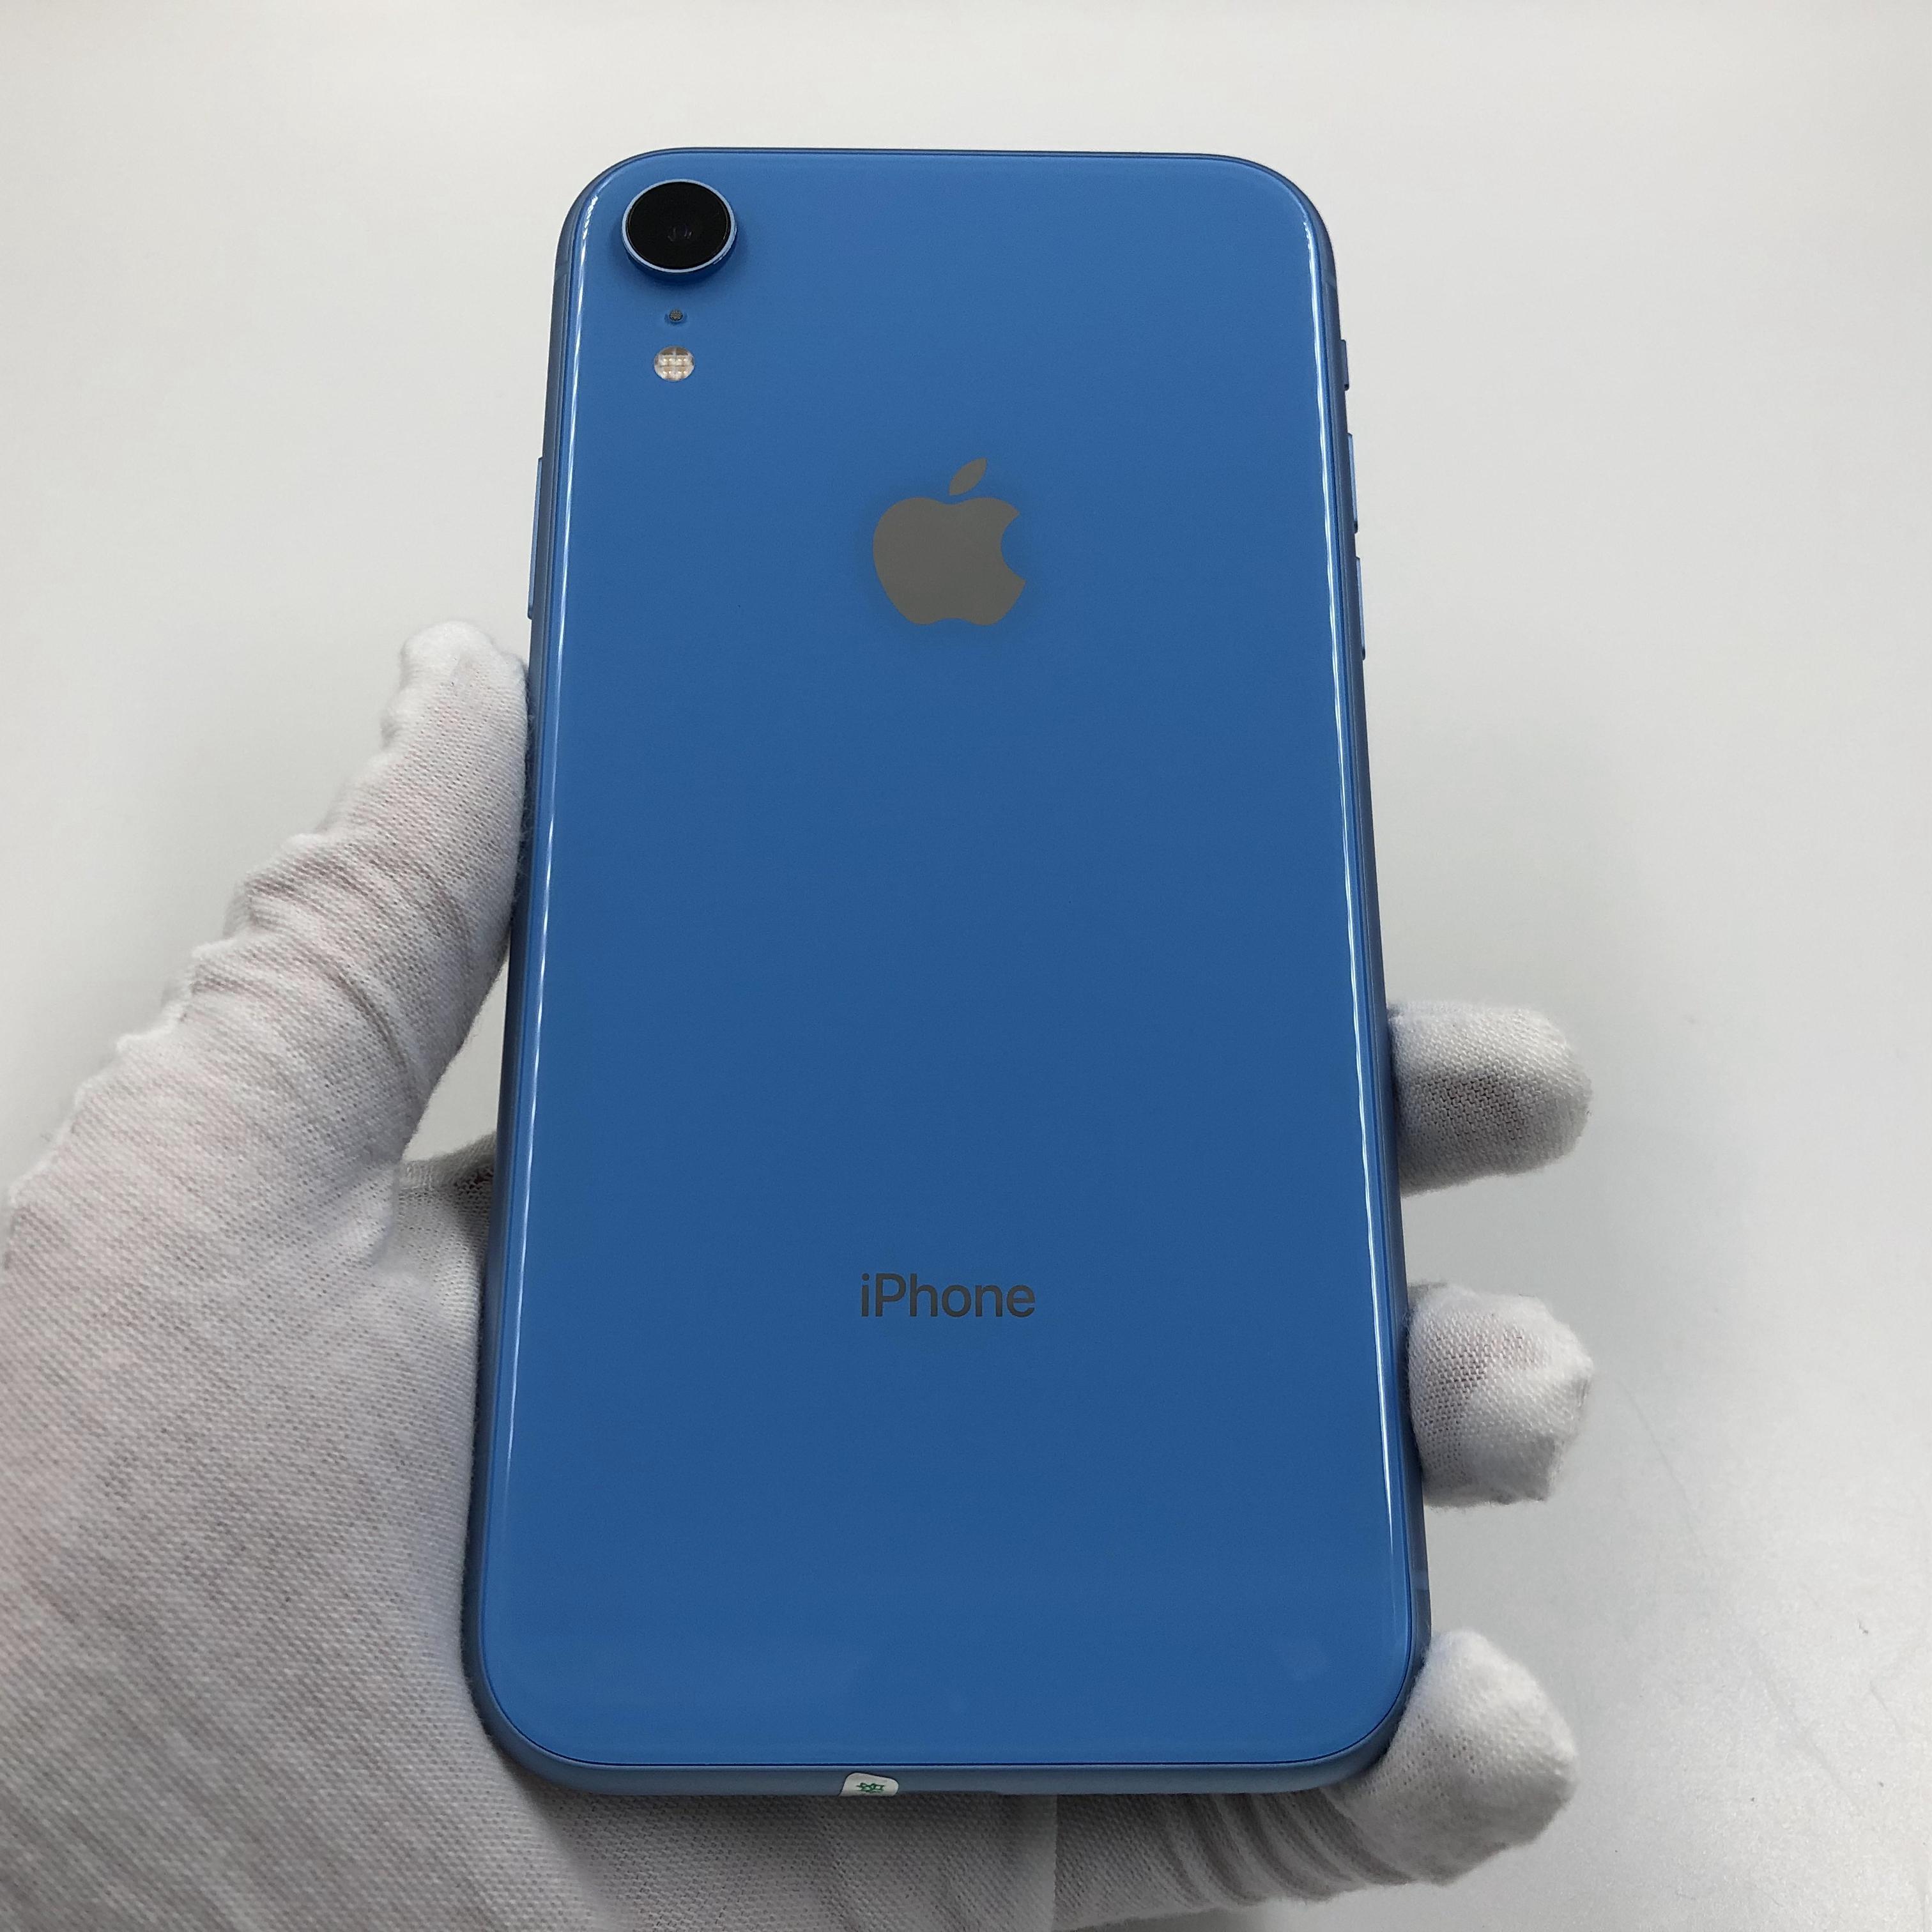 苹果【iPhone XR】4G全网通 蓝色 64G 国行 95新 真机实拍